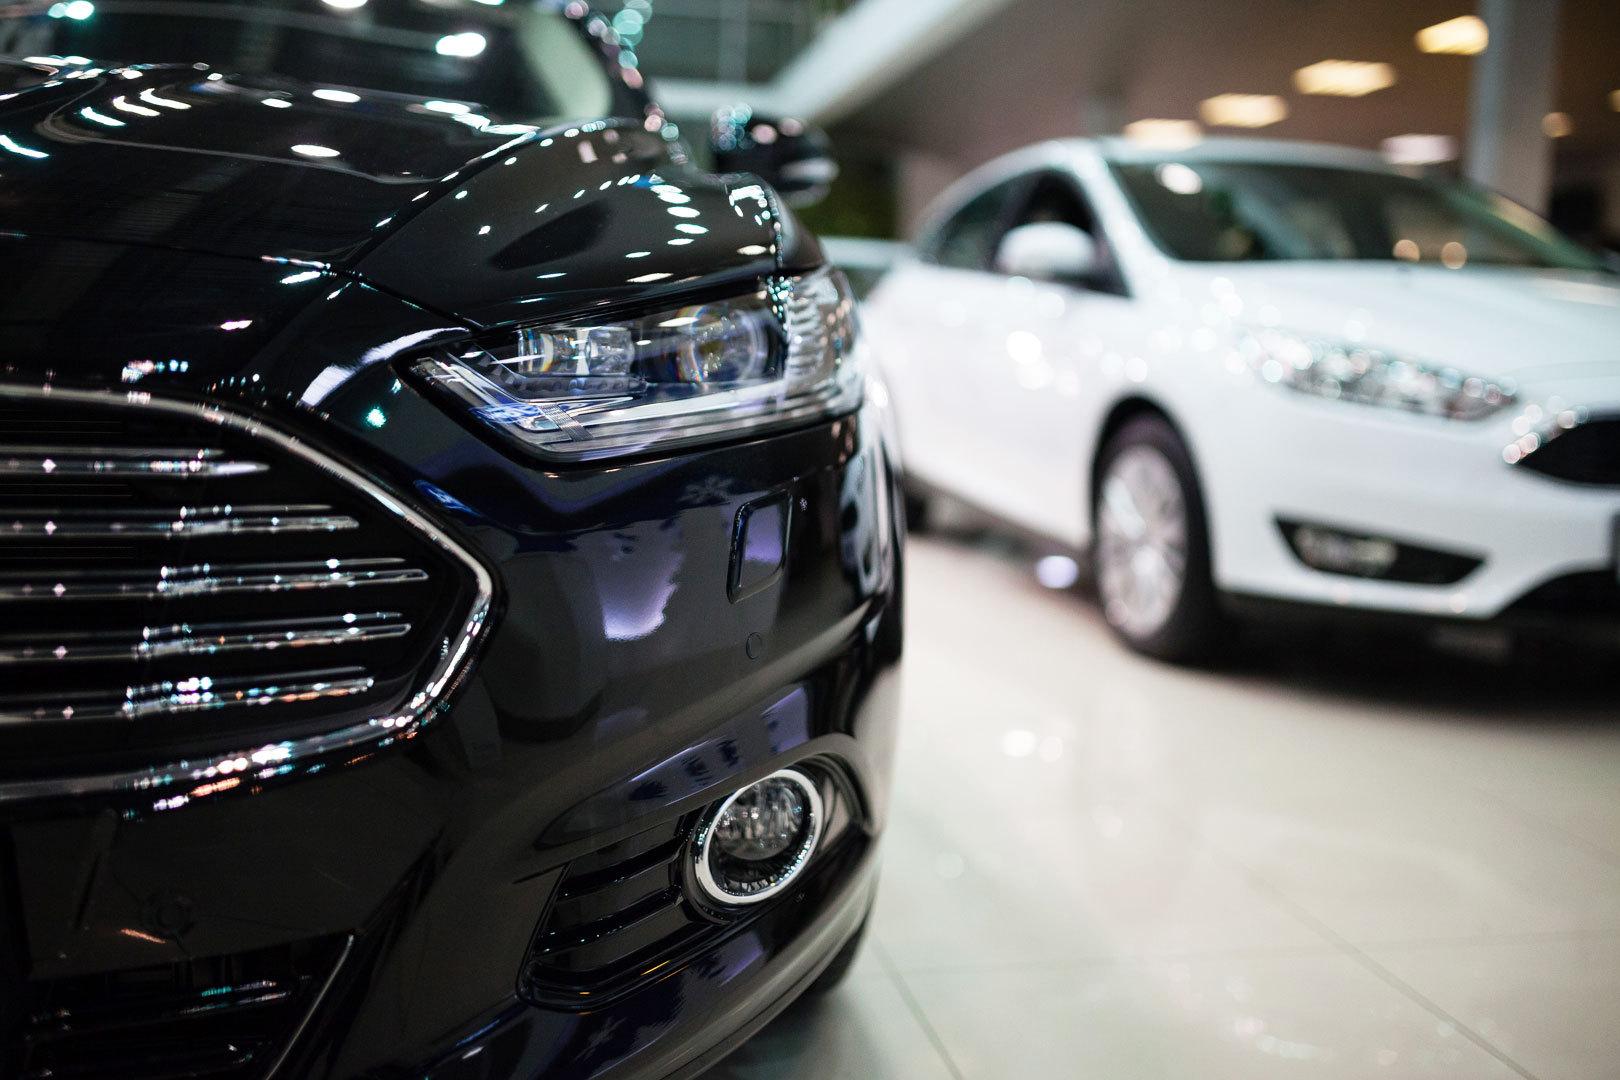 На новое авто намерены потратить почти 3 миллиона